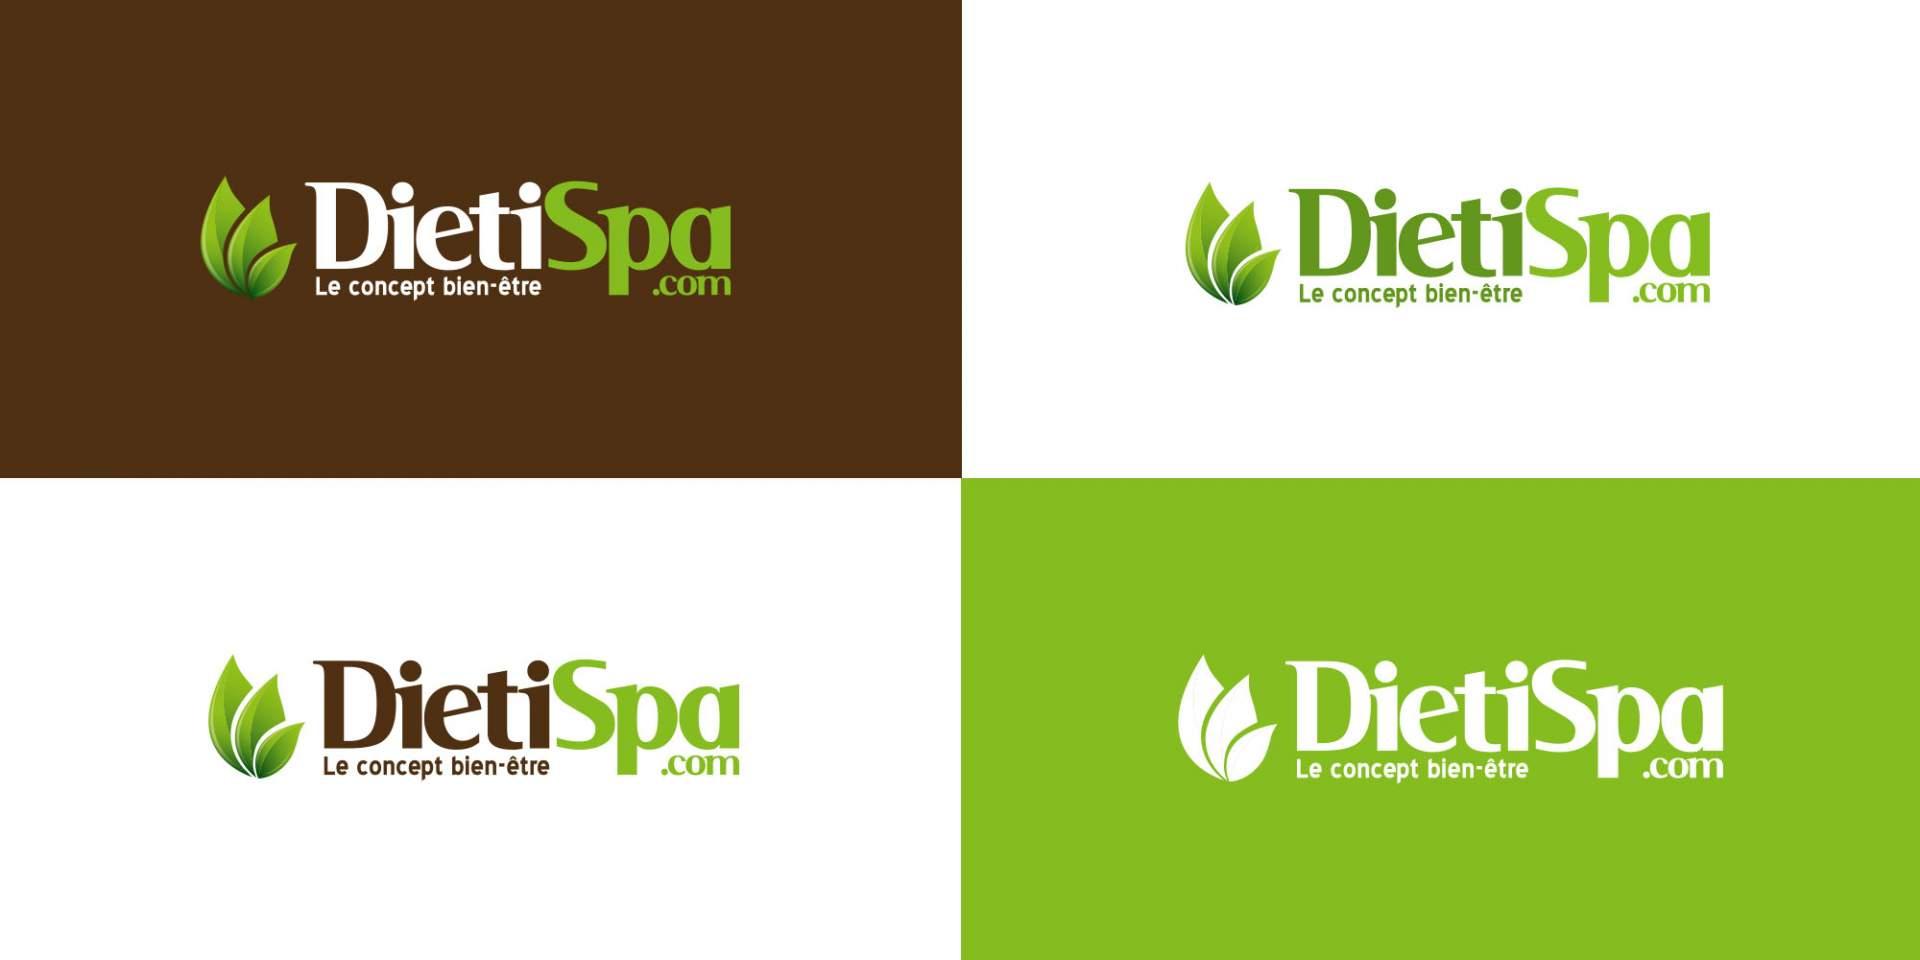 34-DA2 AGENCY-DietiSpa 02